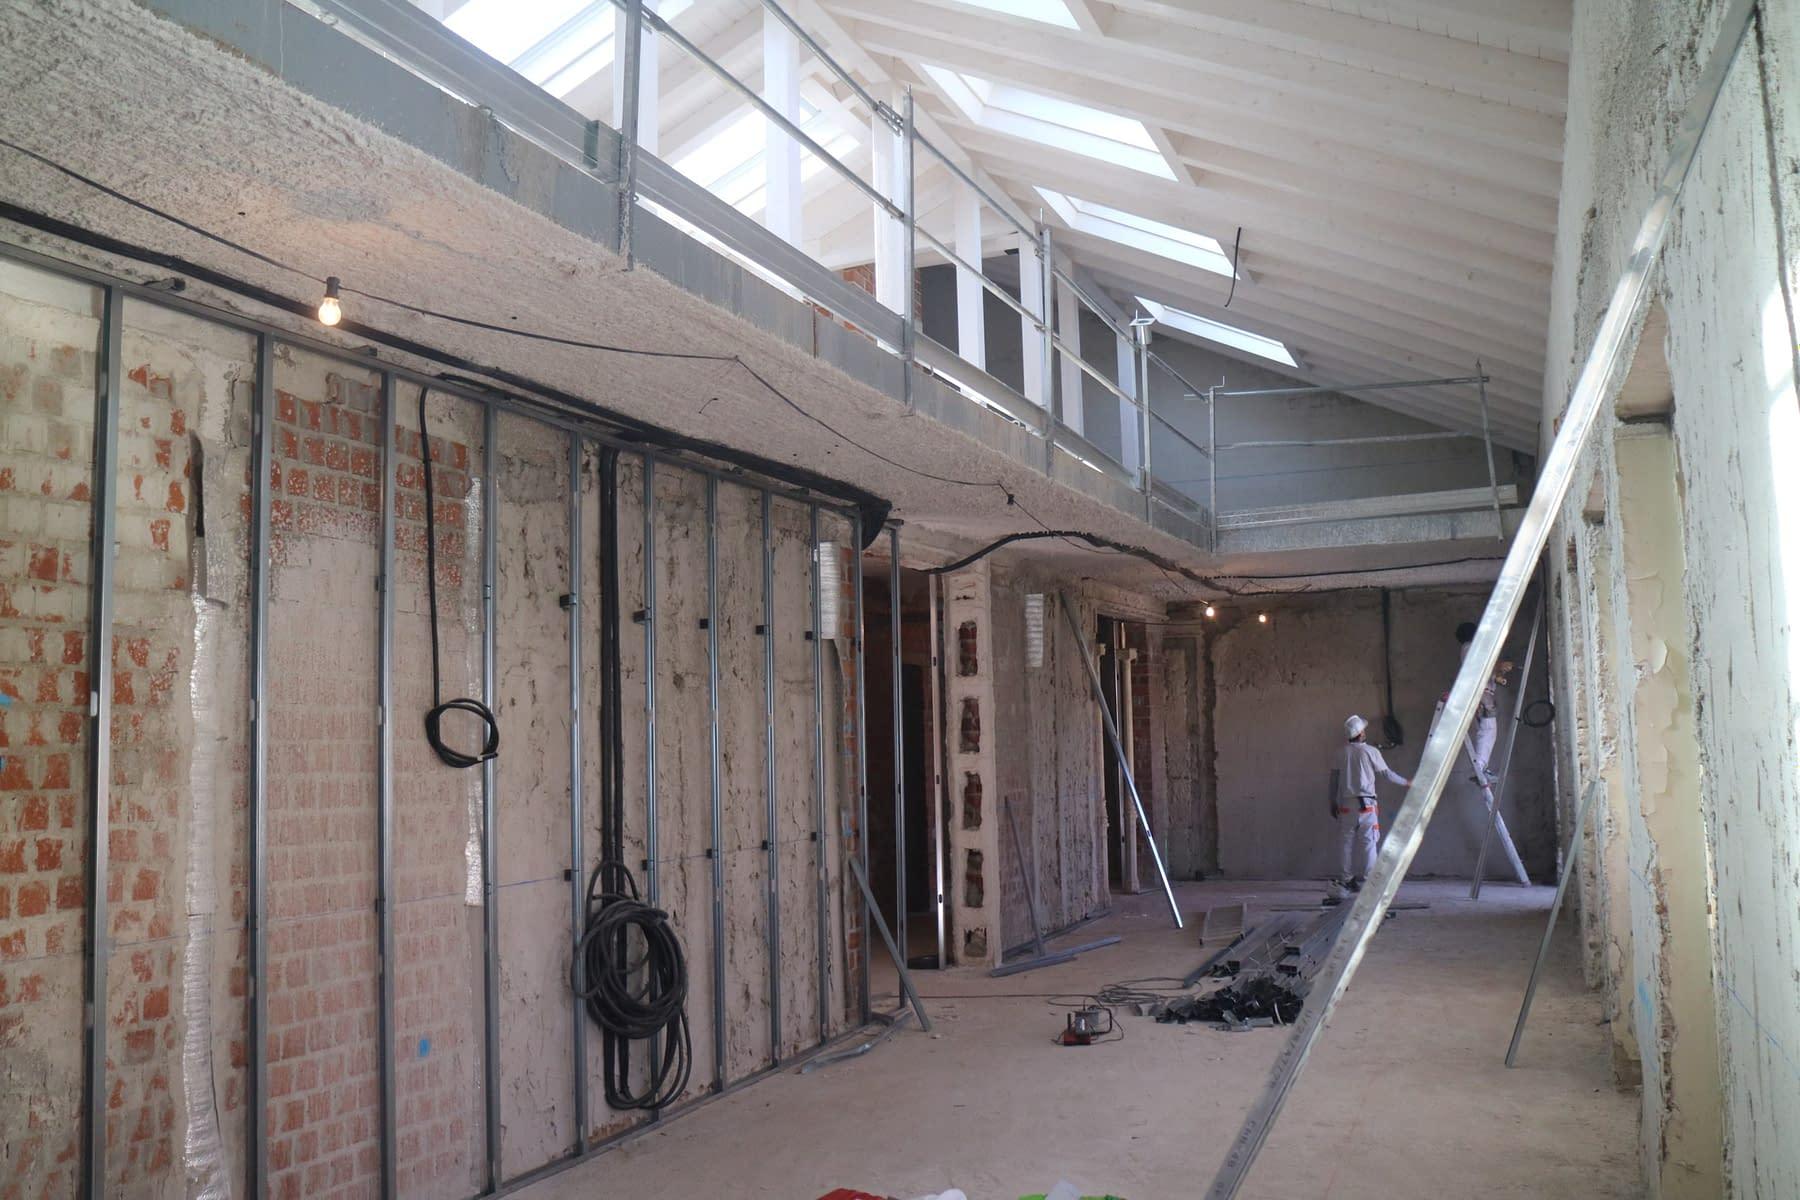 Rehabilitación integral edificio madrid Antonio Maura 8 (28)